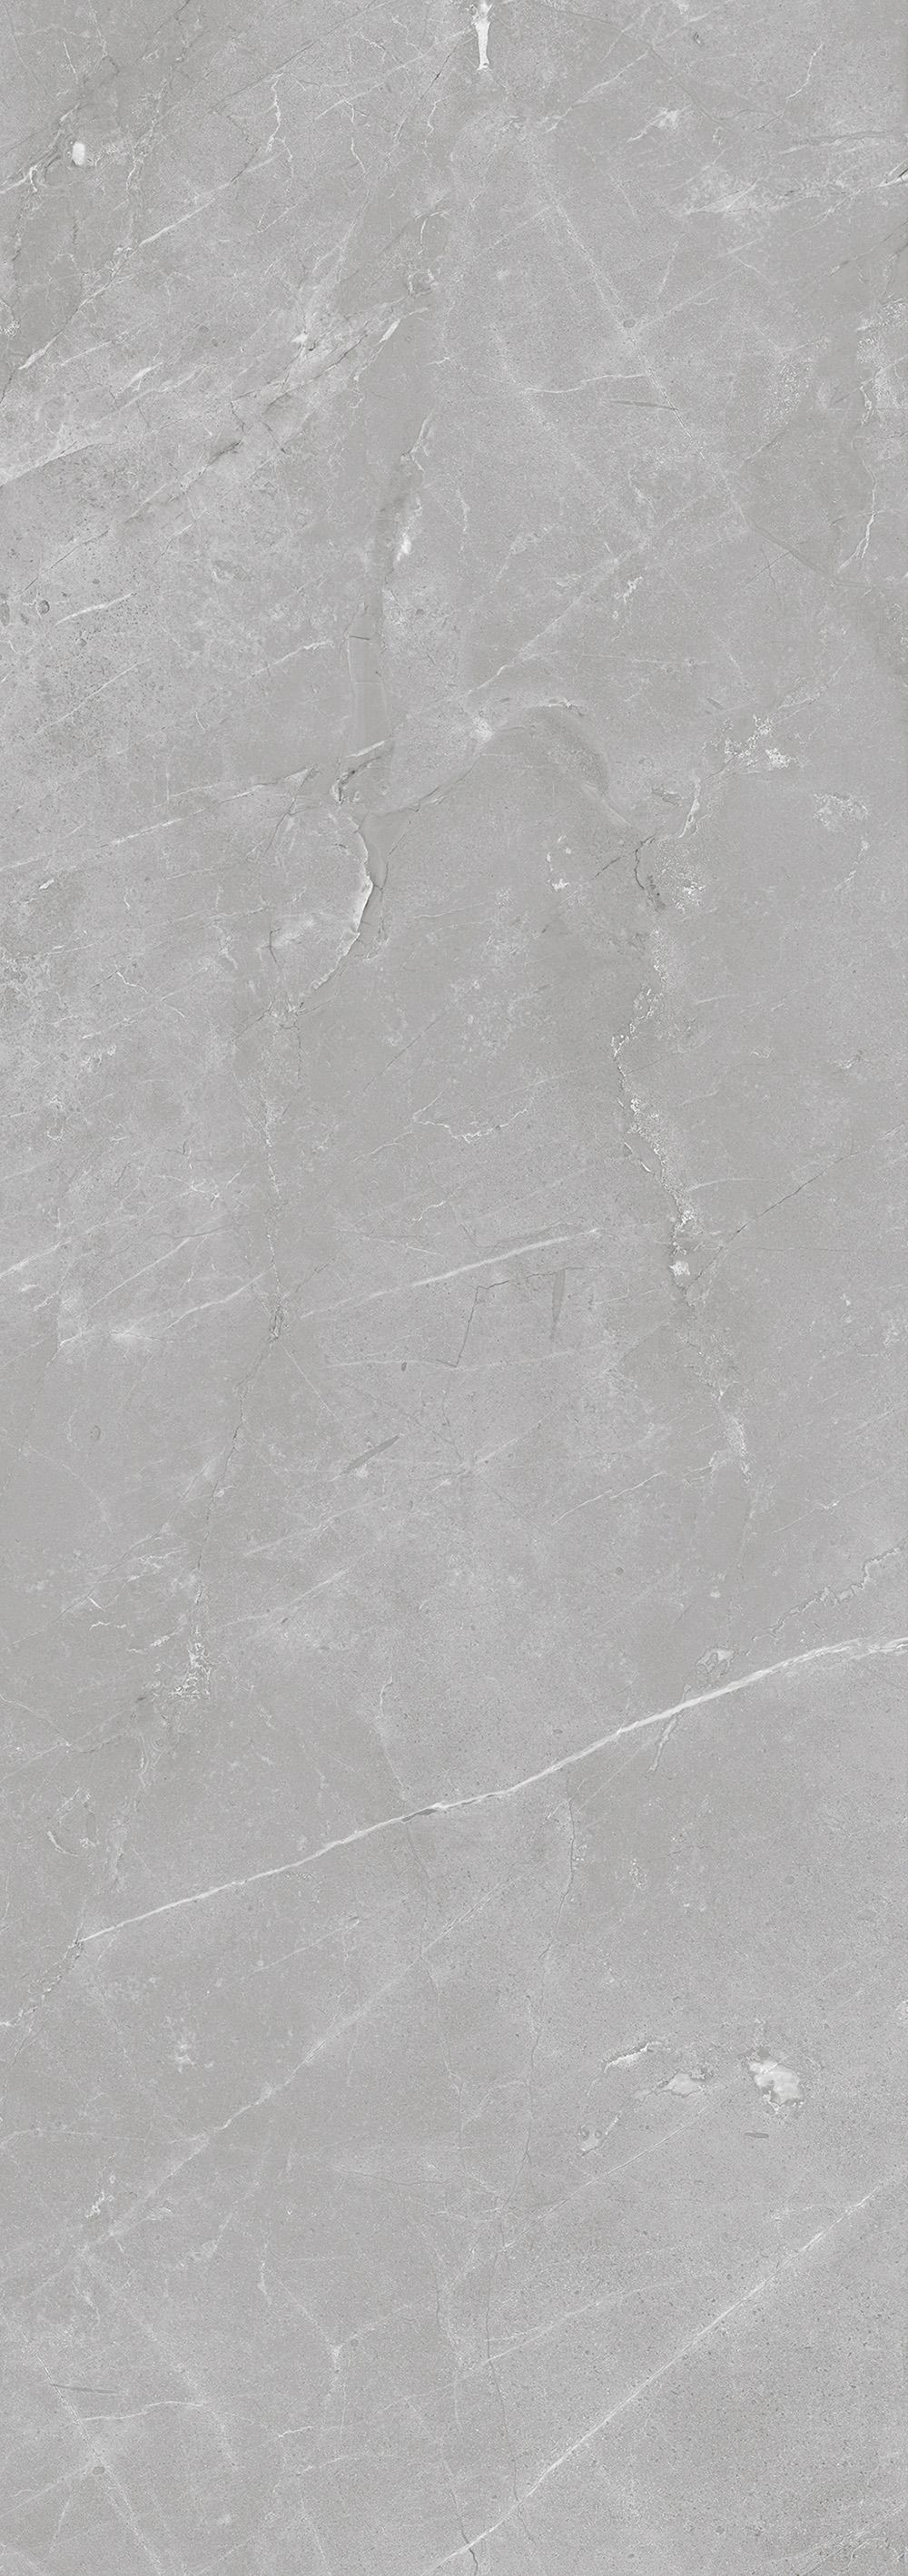 HJ260919-1CL灰色印象